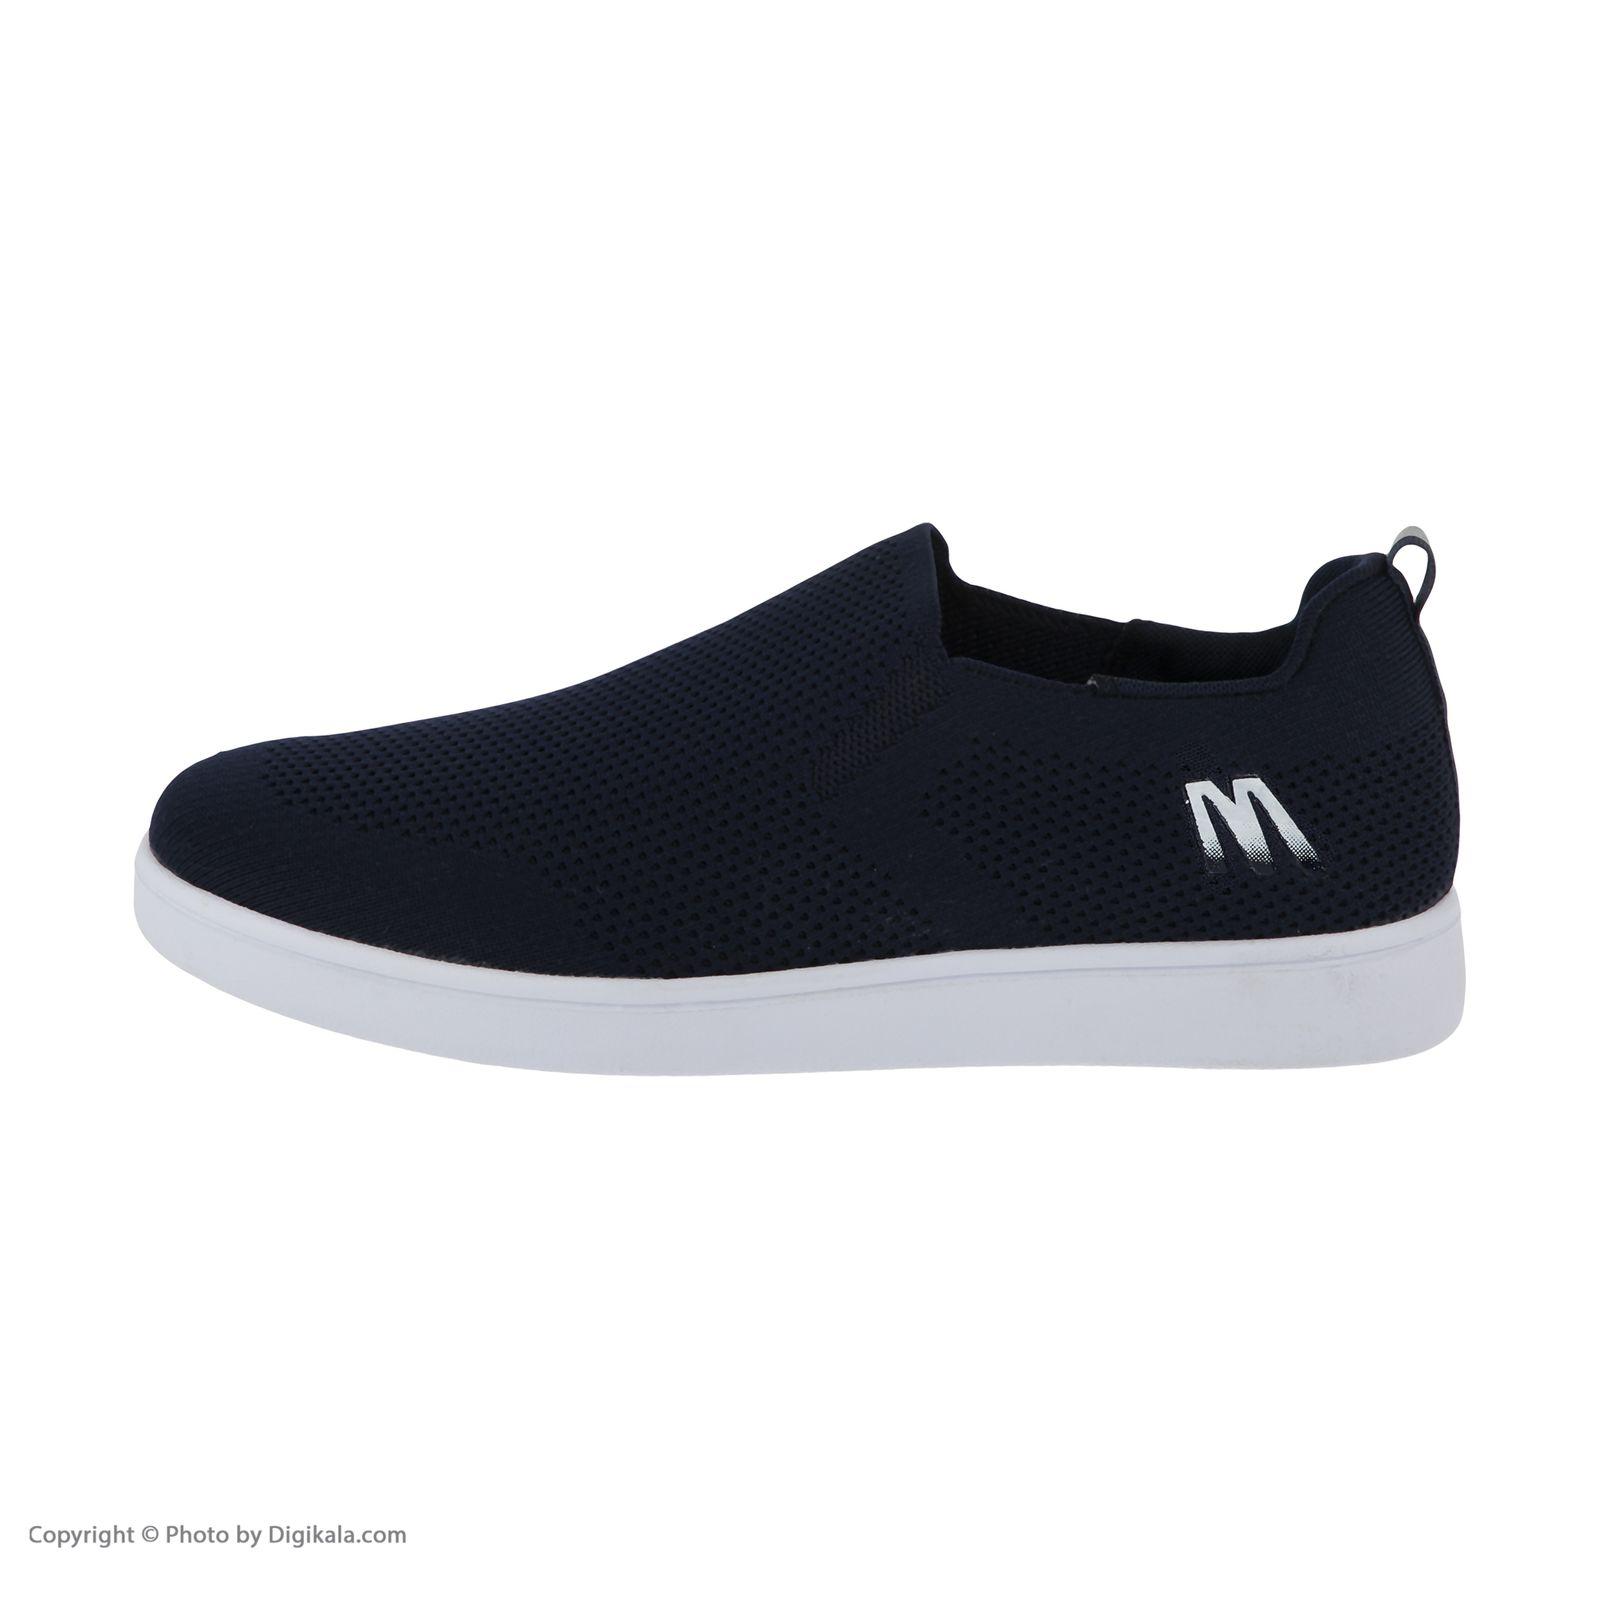 کفش راحتی مردانه مل اند موژ مدل 1020-20-400 main 1 1